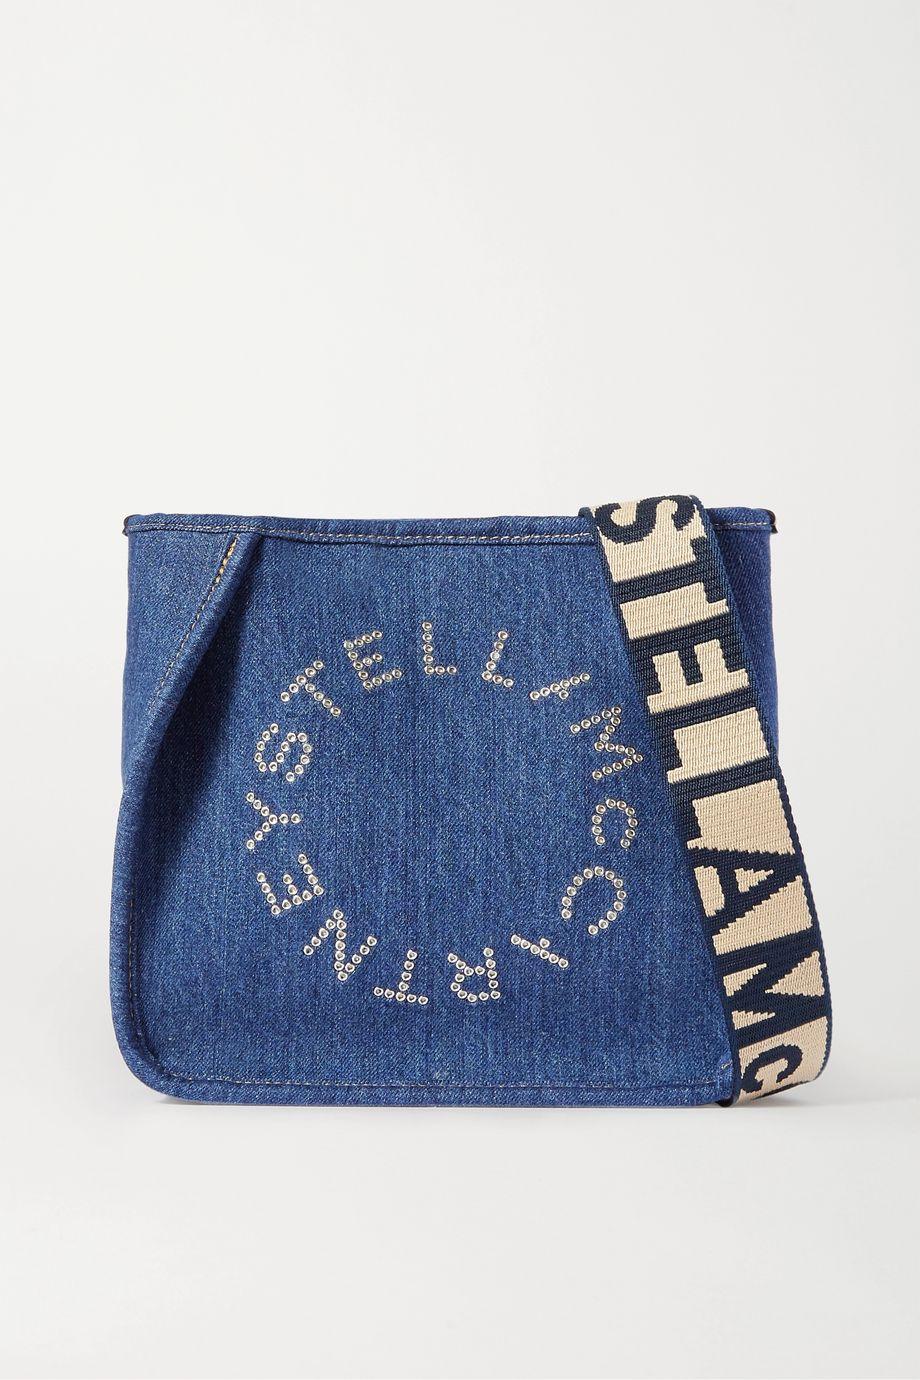 Stella McCartney Eyelet-embellished denim shoulder bag